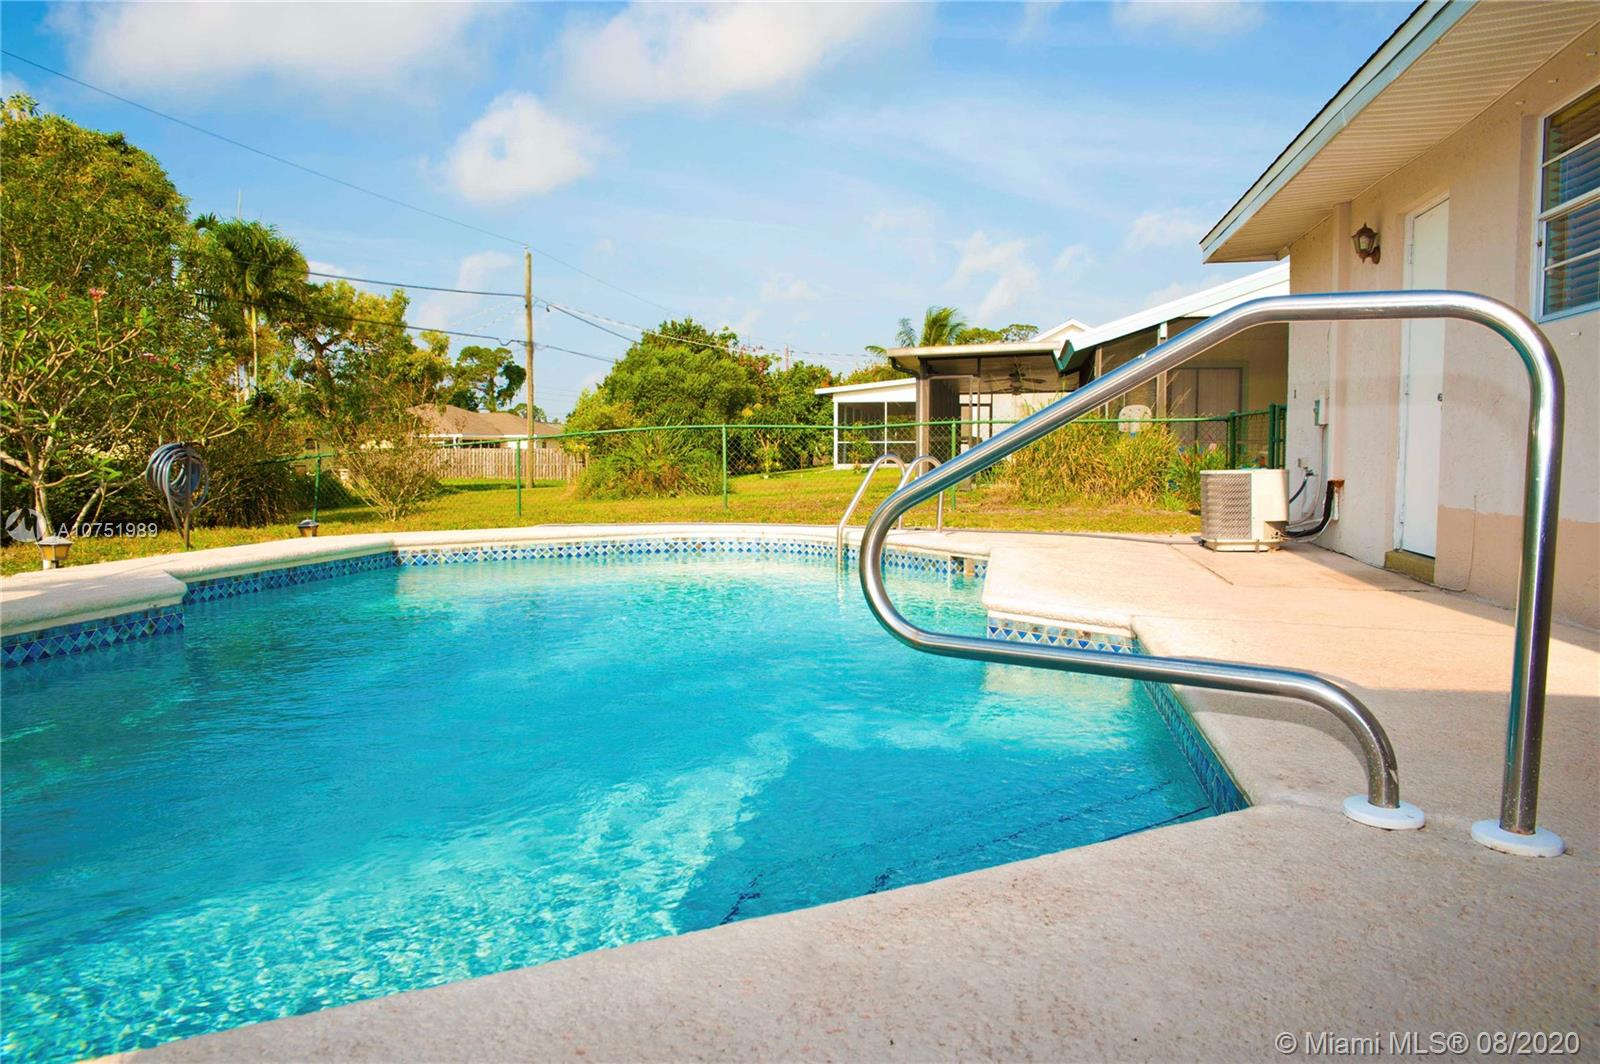 458 SE DOAT ST, Port St. Lucie, FL 34983